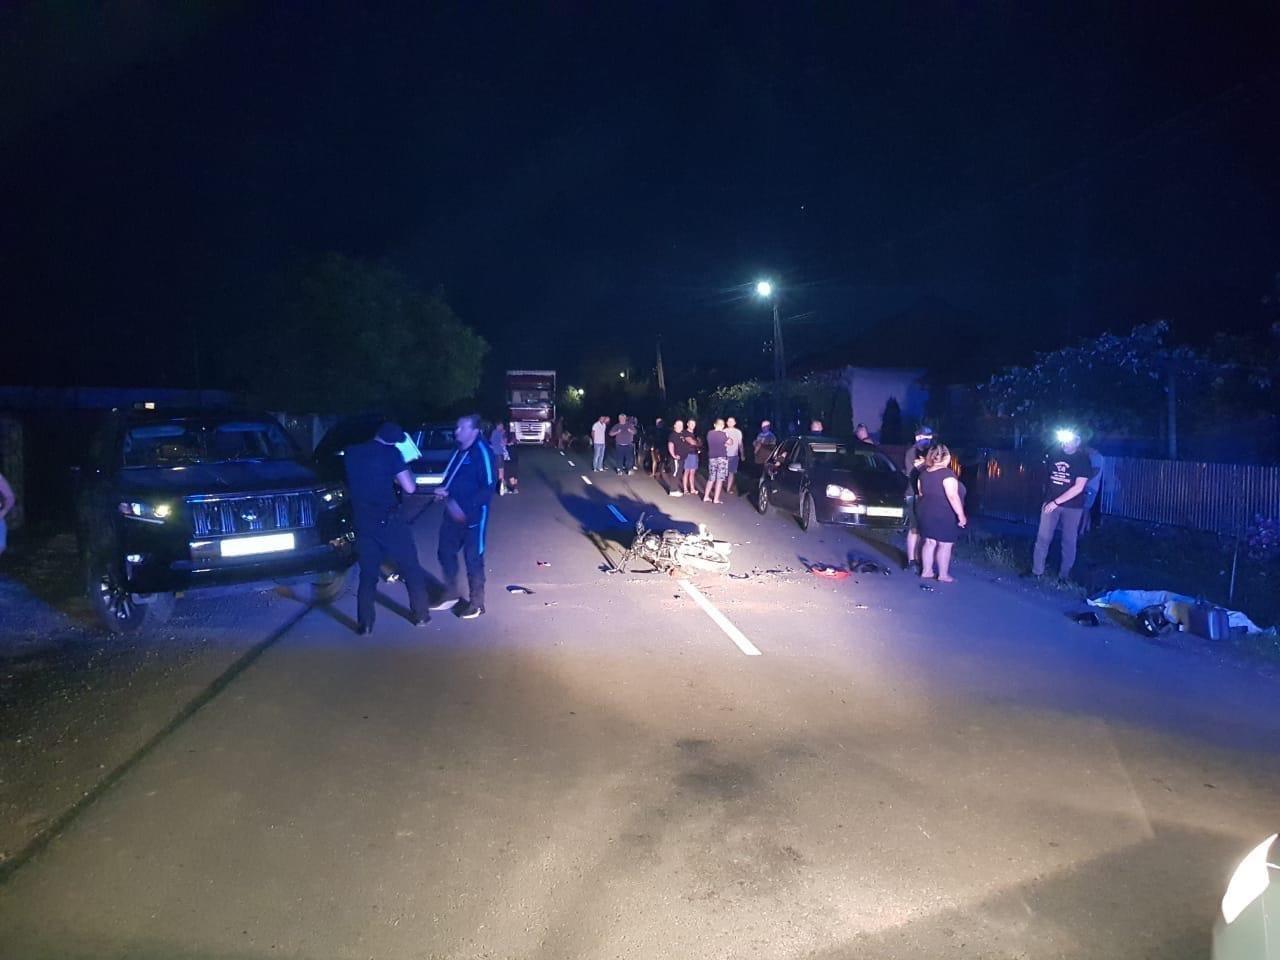 На Закарпатті депутат збив мотоцикліста. Від отриманих травм хлопець помер, -  ЗМІ (ФОТО), фото-1